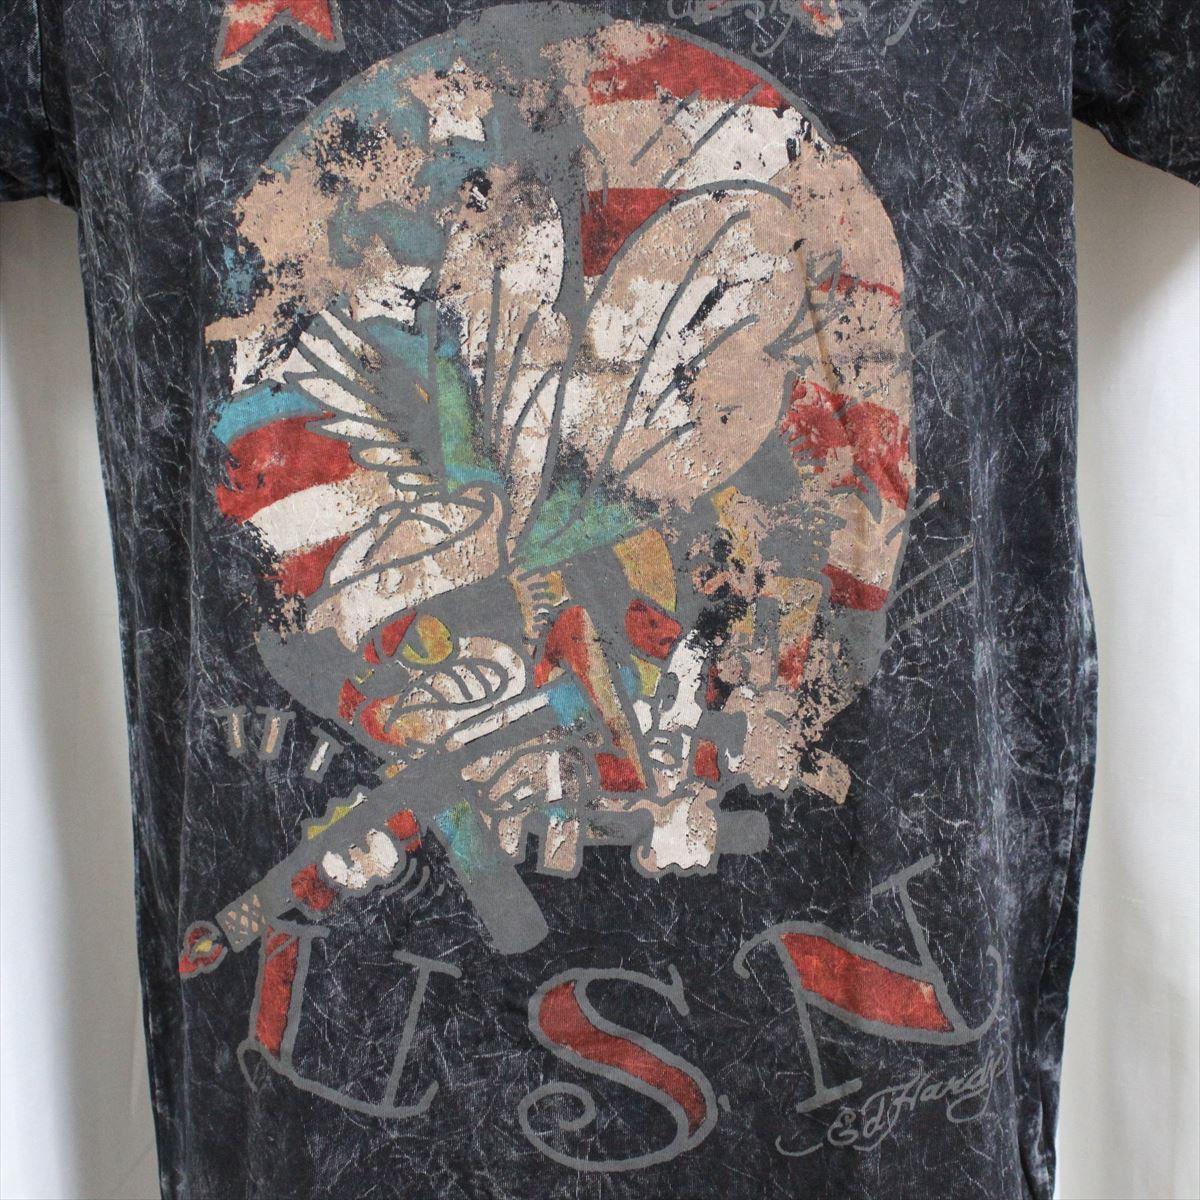 エドハーディー ED HARDY メンズ半袖Tシャツ ブラック Sサイズ 新品 アメリカ製 M02VTSB437_画像3